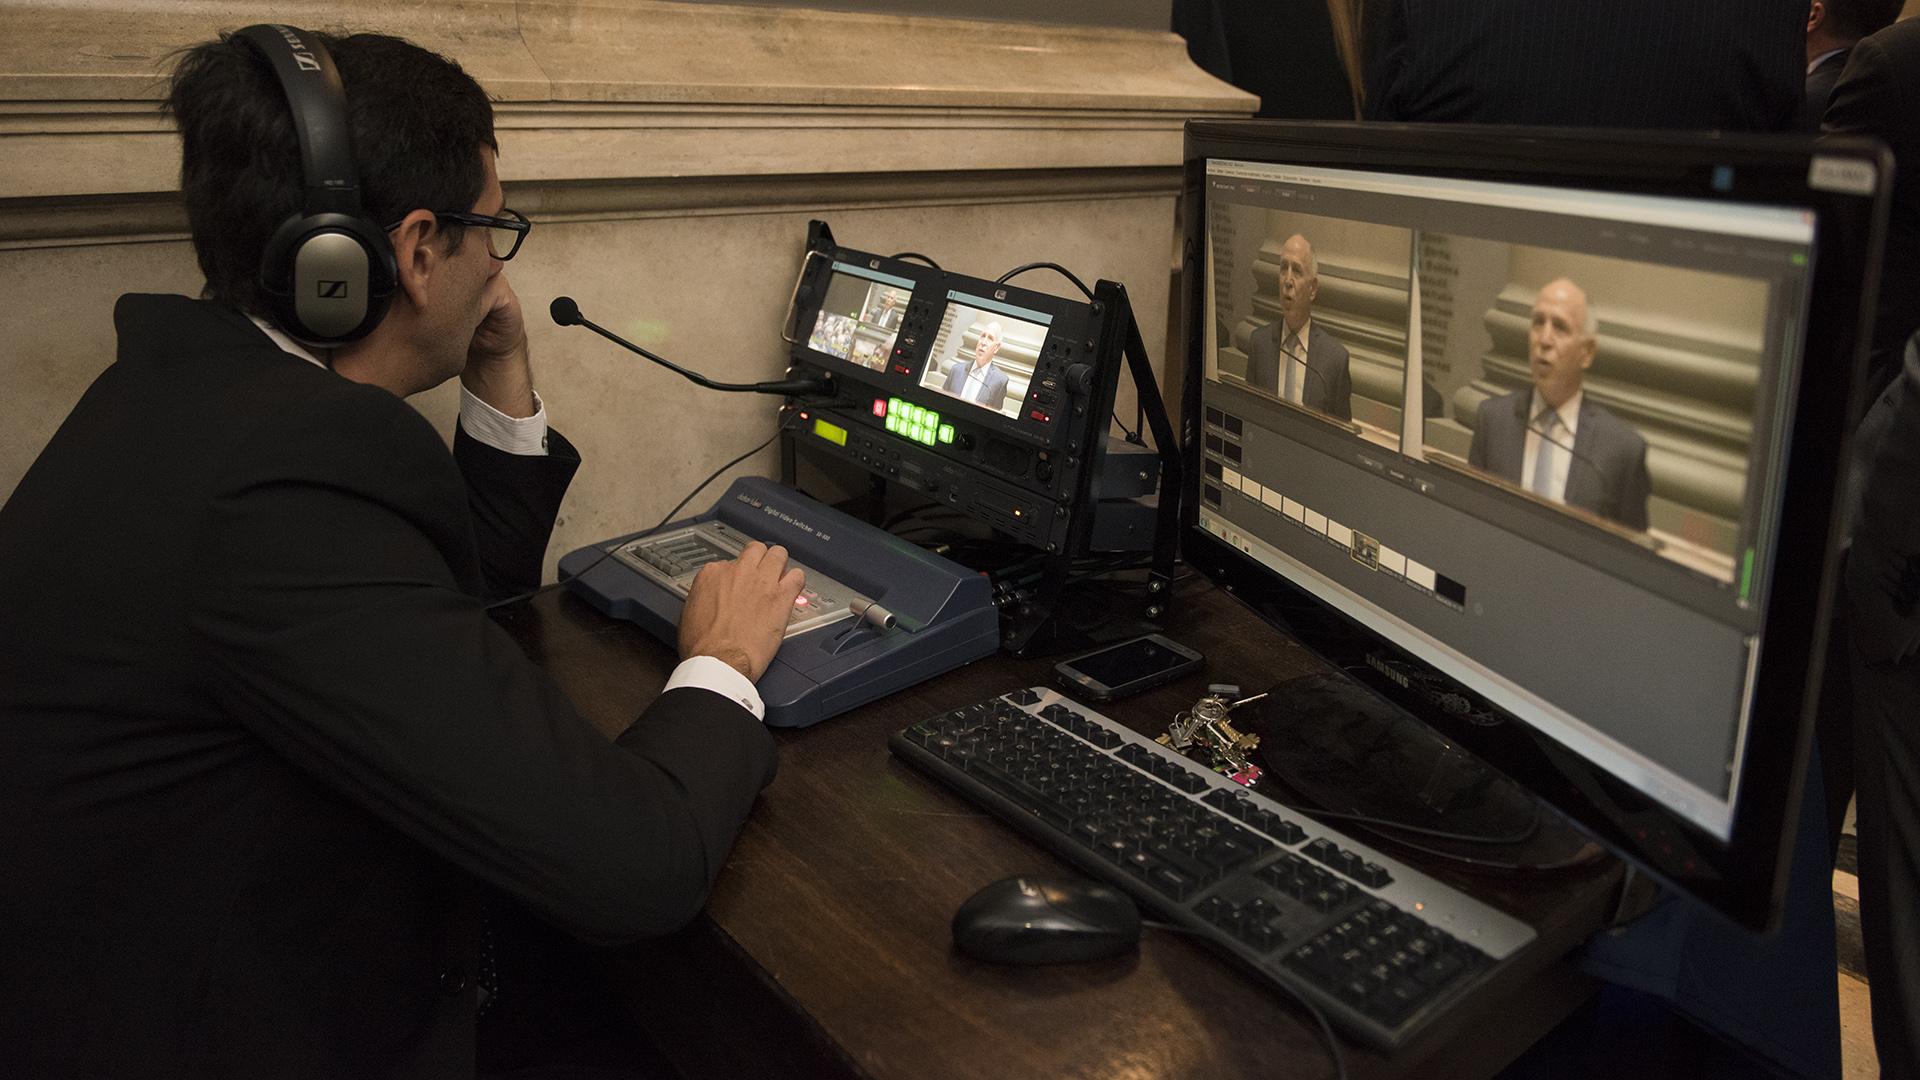 El Centro de Información Judicial (CIJ) transmitió en vivo el discurso de Ricardo Lorenzetti